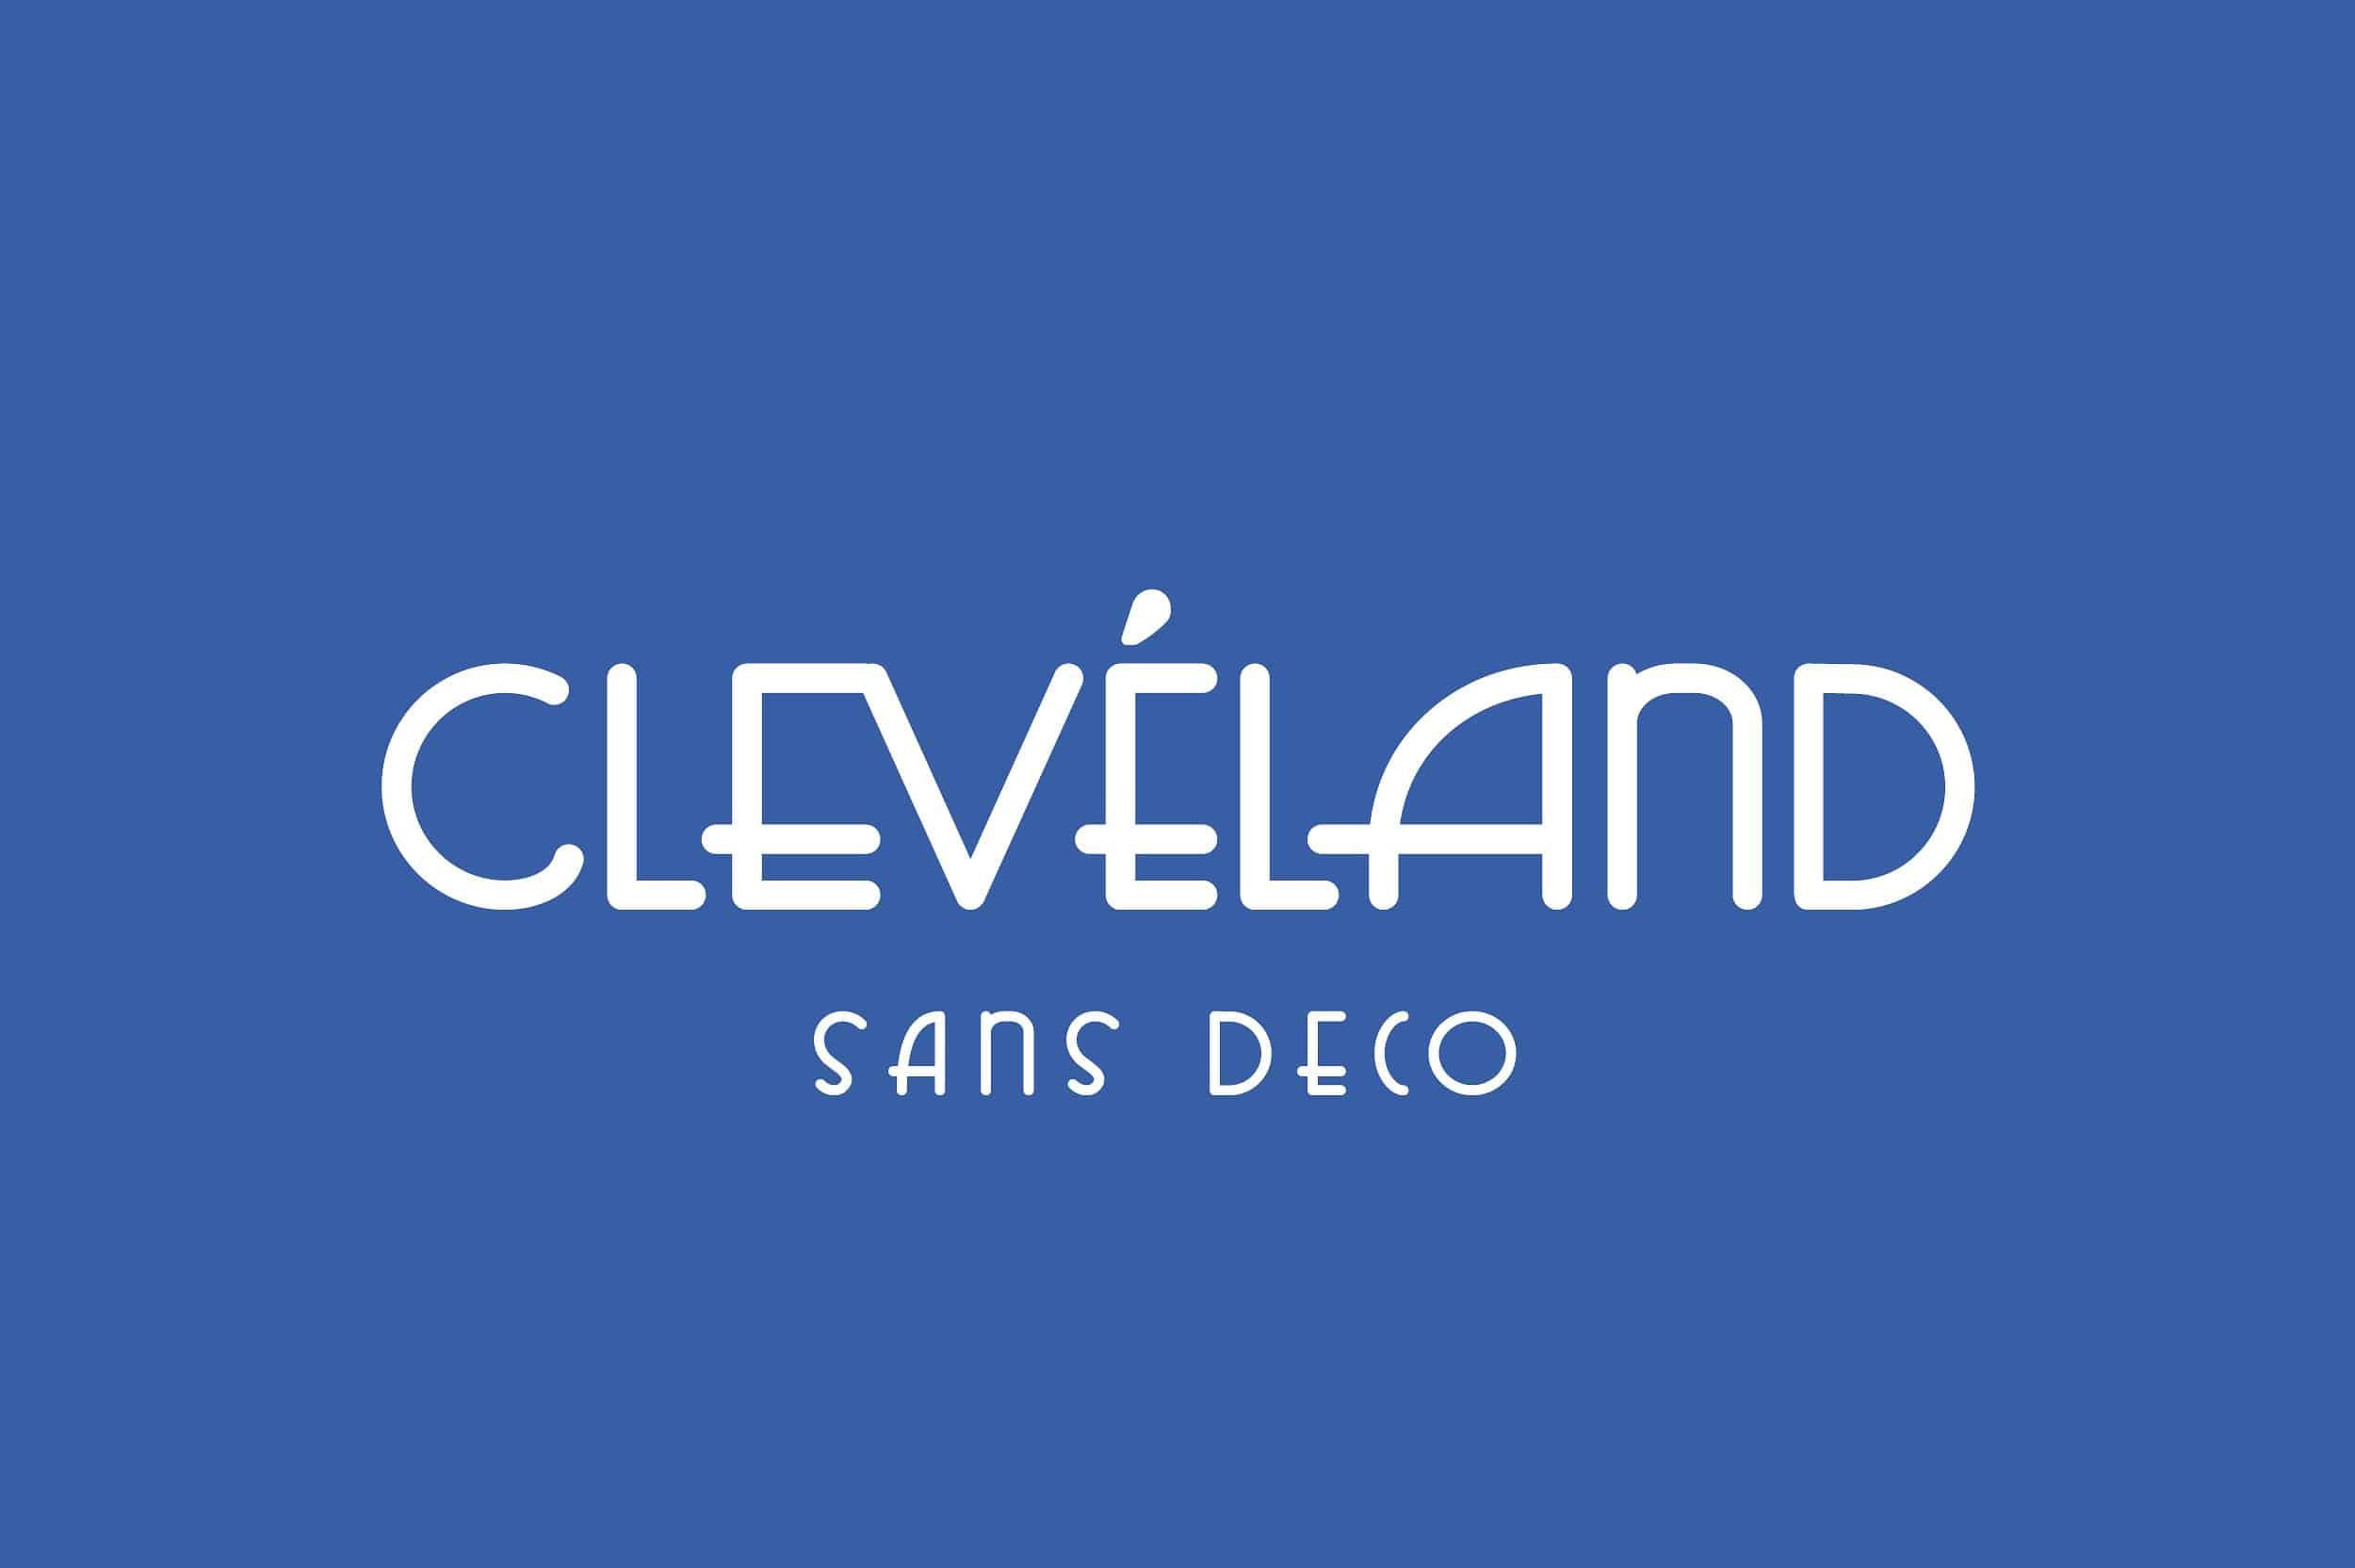 Cleveland Sans Deco шрифт скачать бесплатно